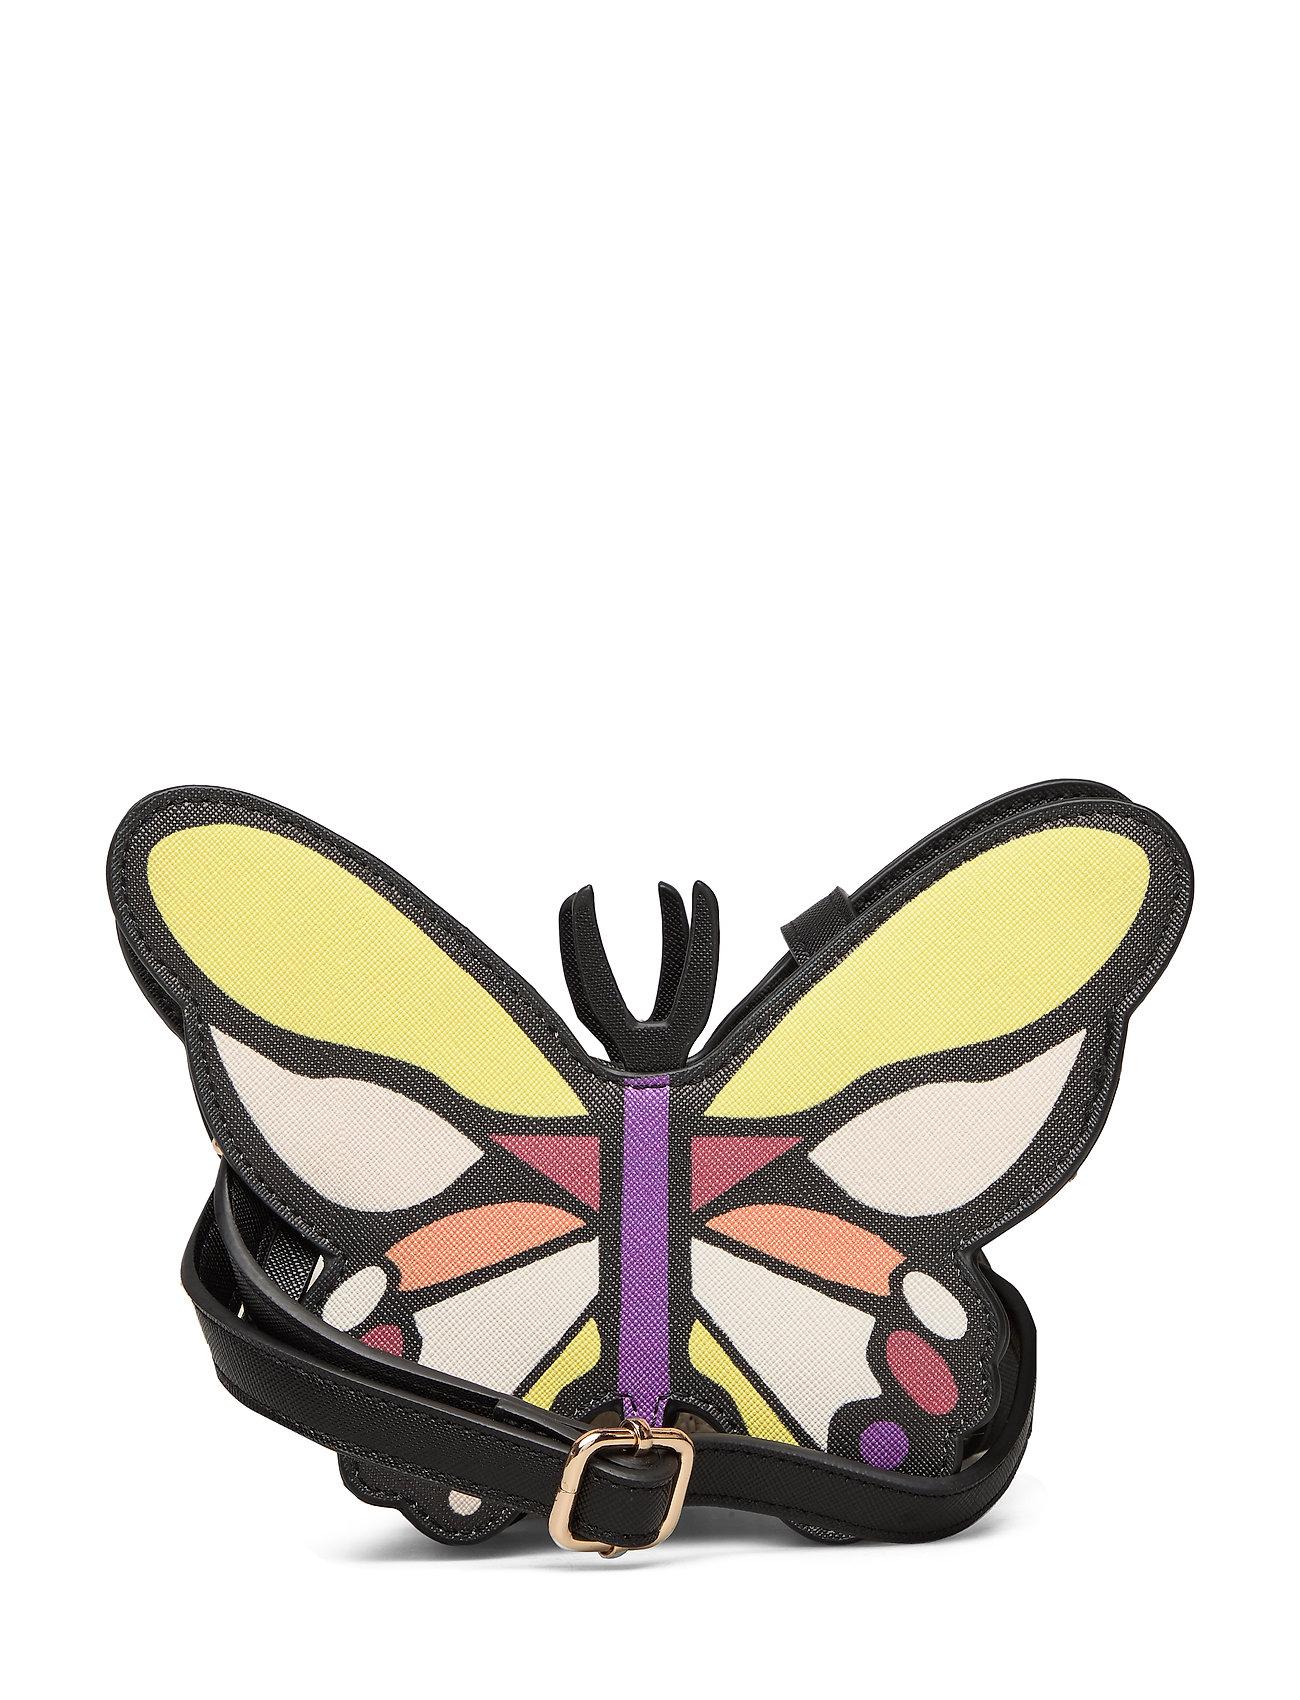 Molo Butterfly Bag - TUTTICOLORI